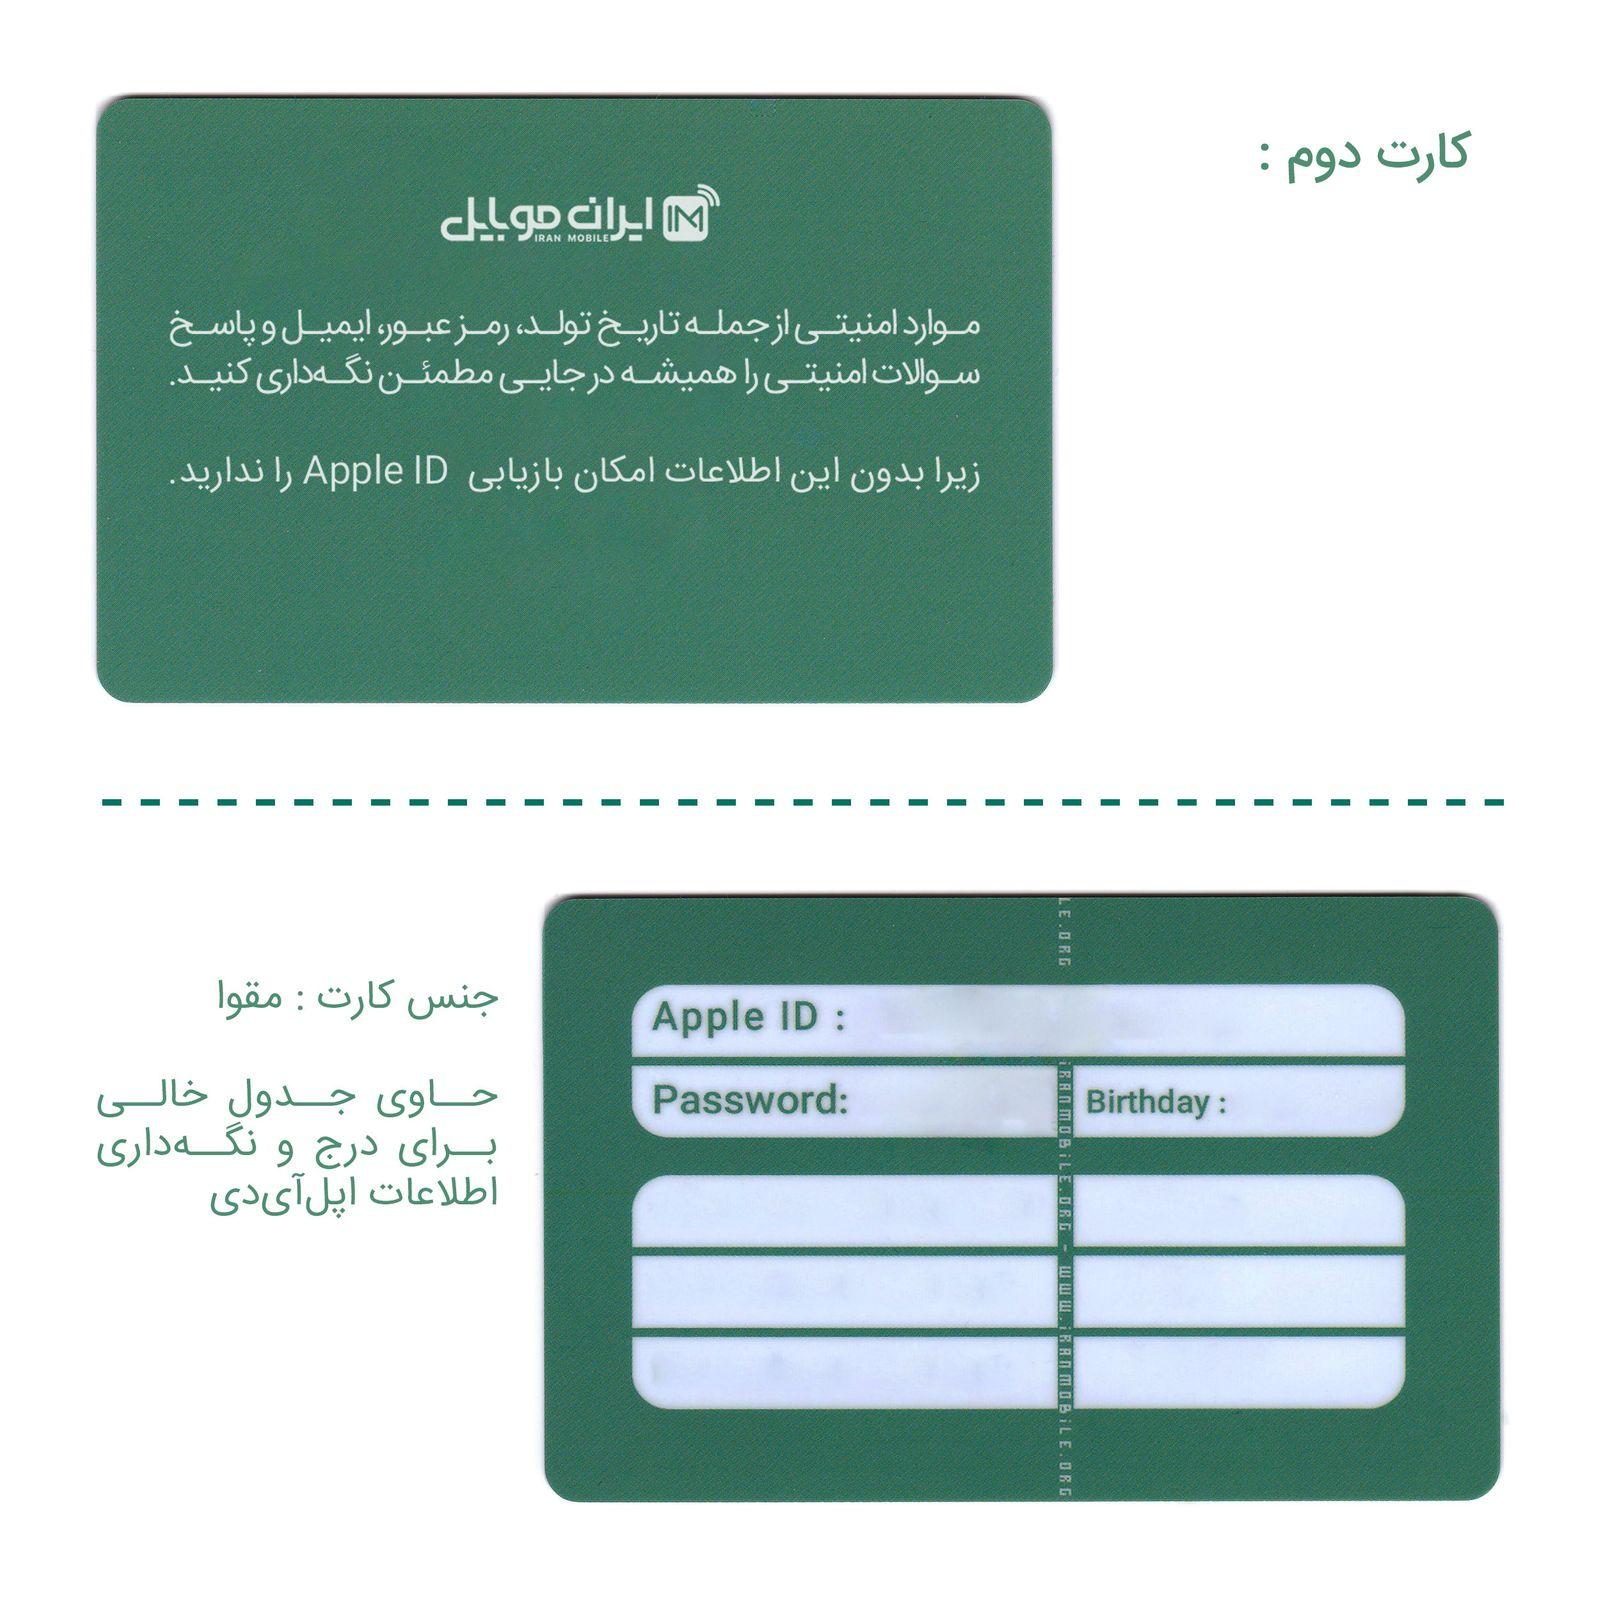 کارت اپل آیدی بدون اعتبار اولیه مدل IM-10 بسته 10 عددی thumb 2 4